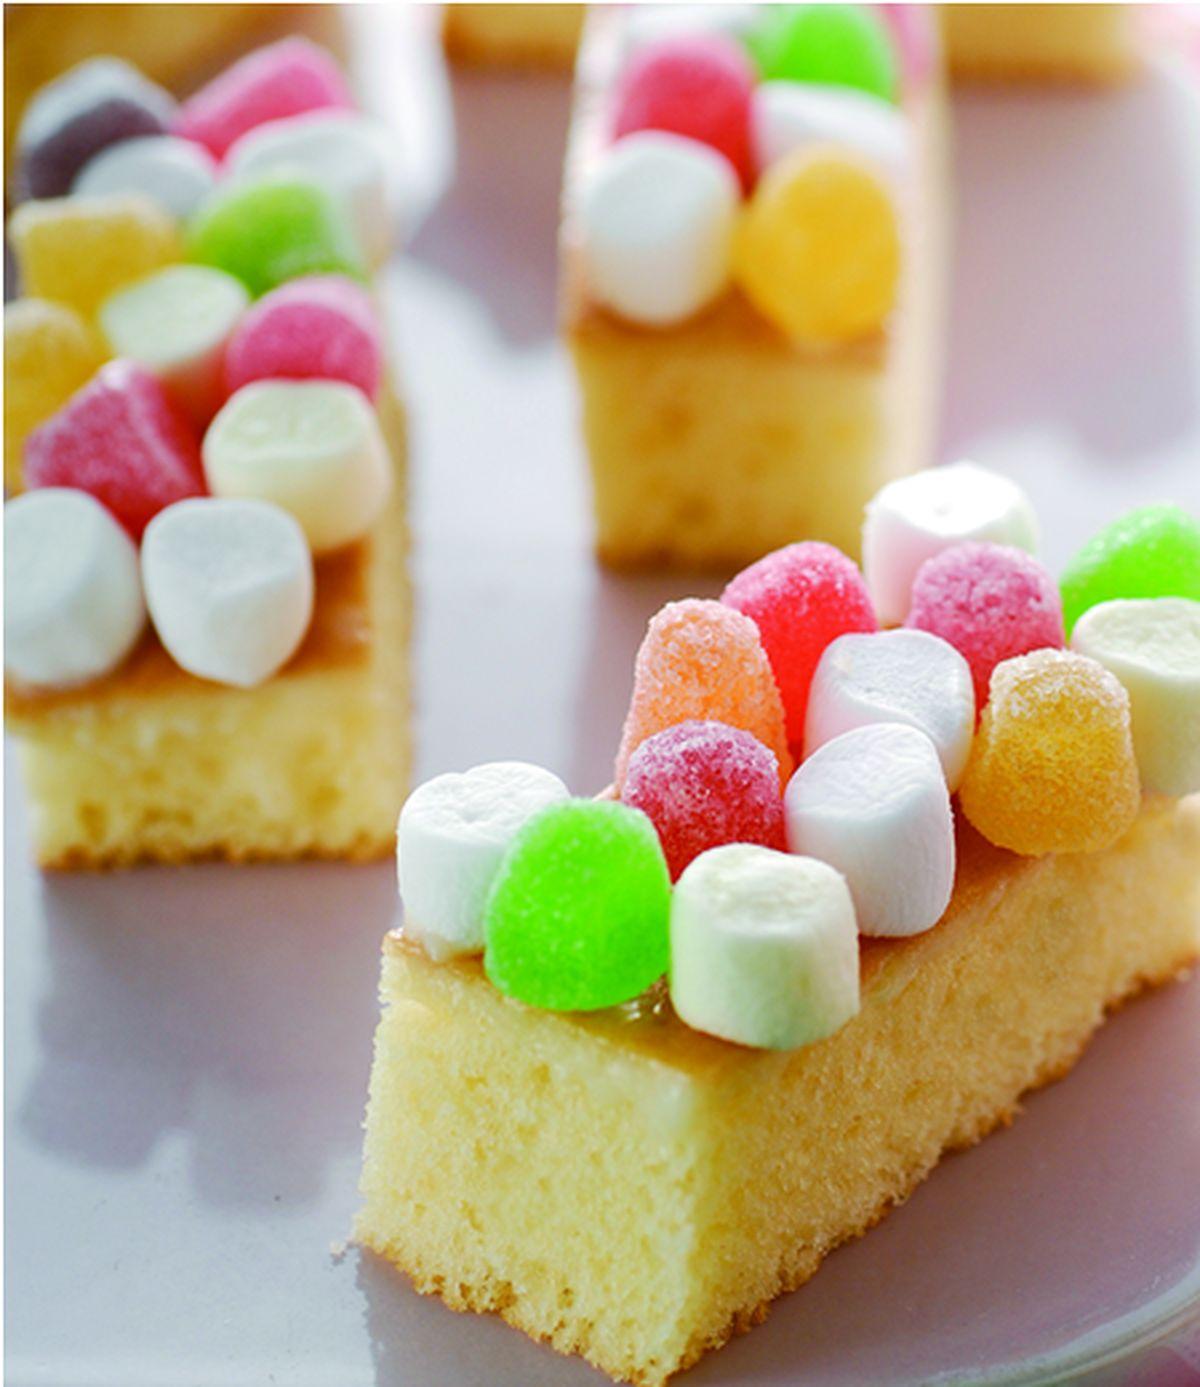 食譜:棉花糖蛋糕